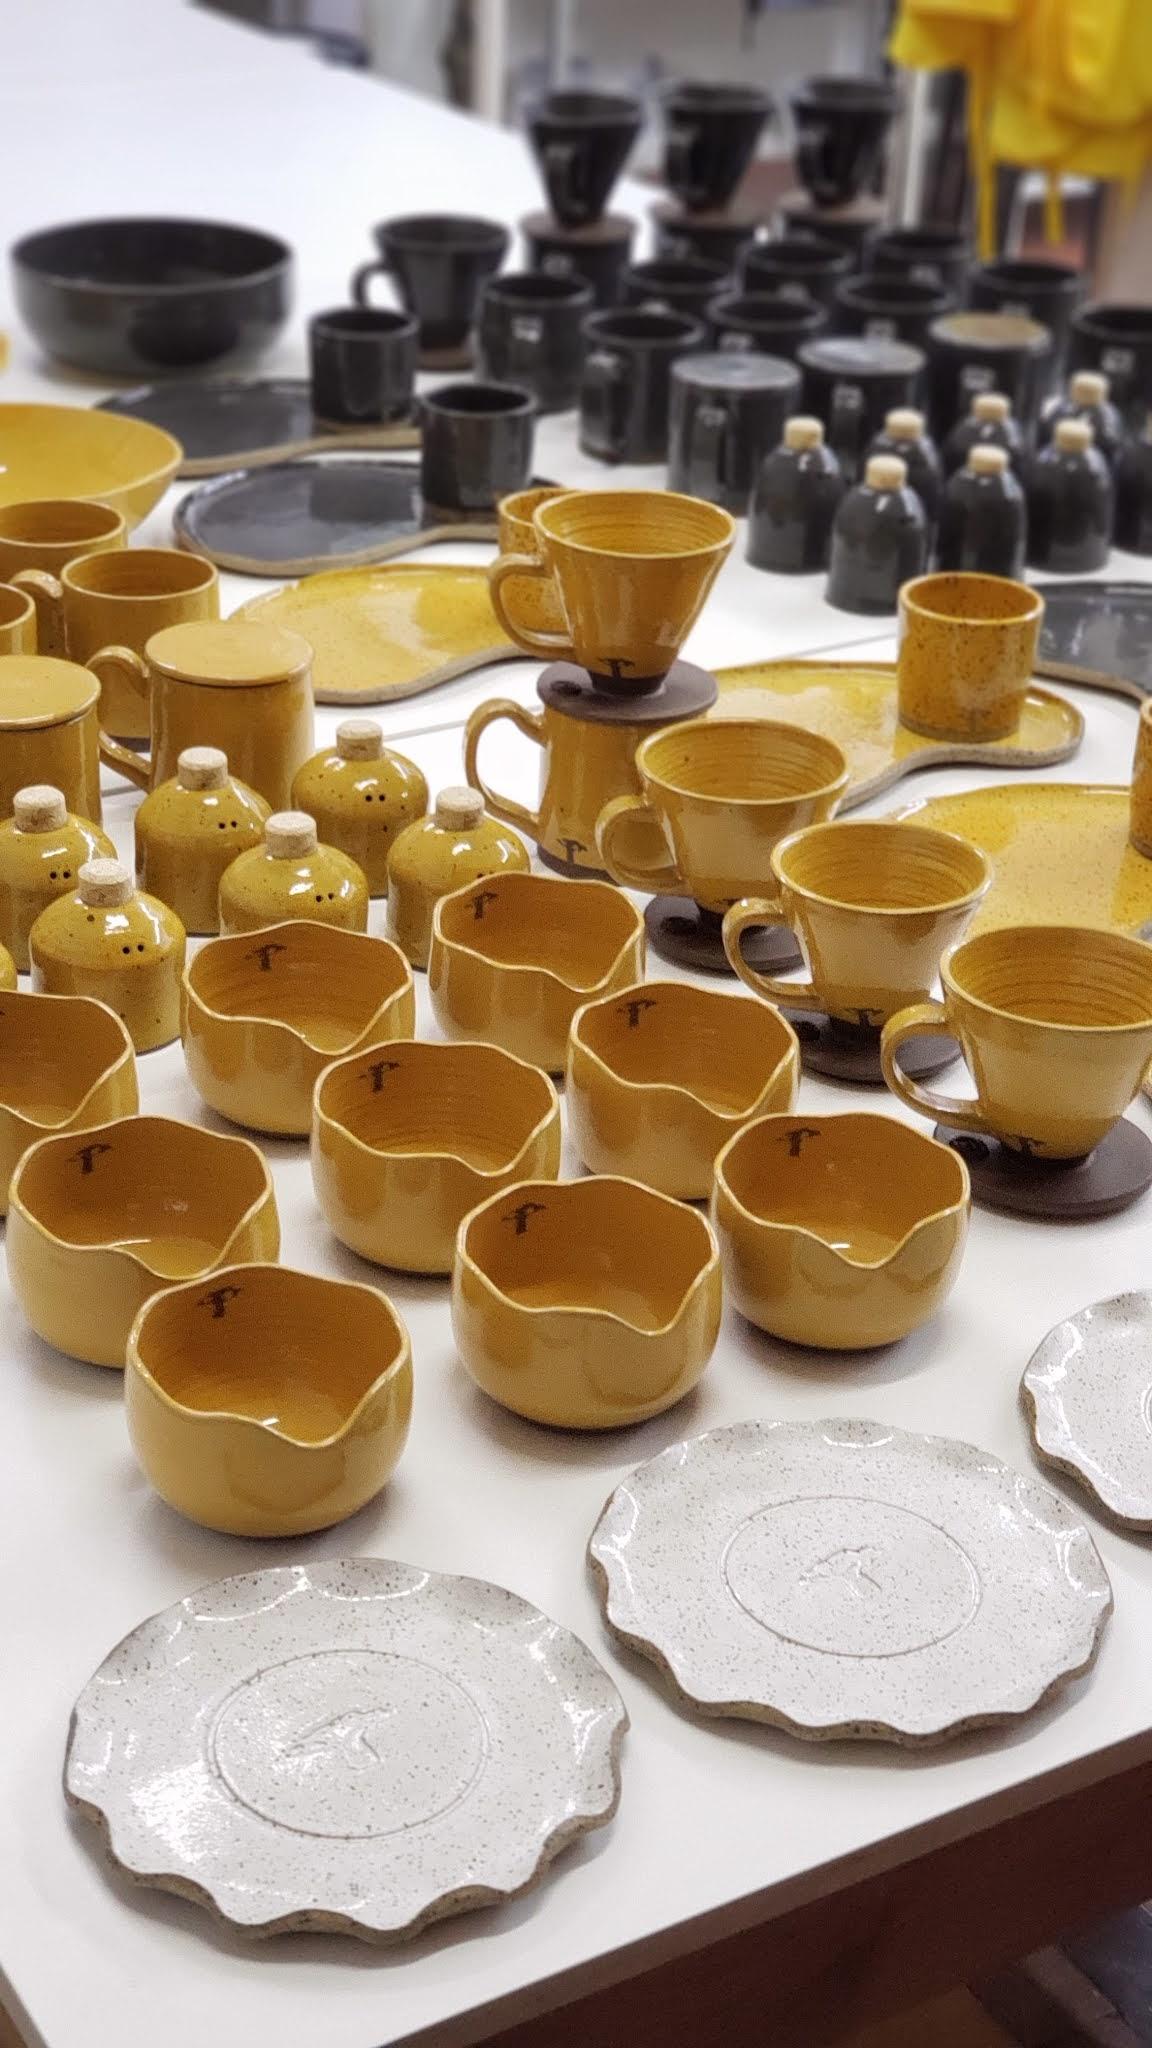 Produção de encomenda de peças em cerâmicas por Fernando Rollim - Cubo de Barro